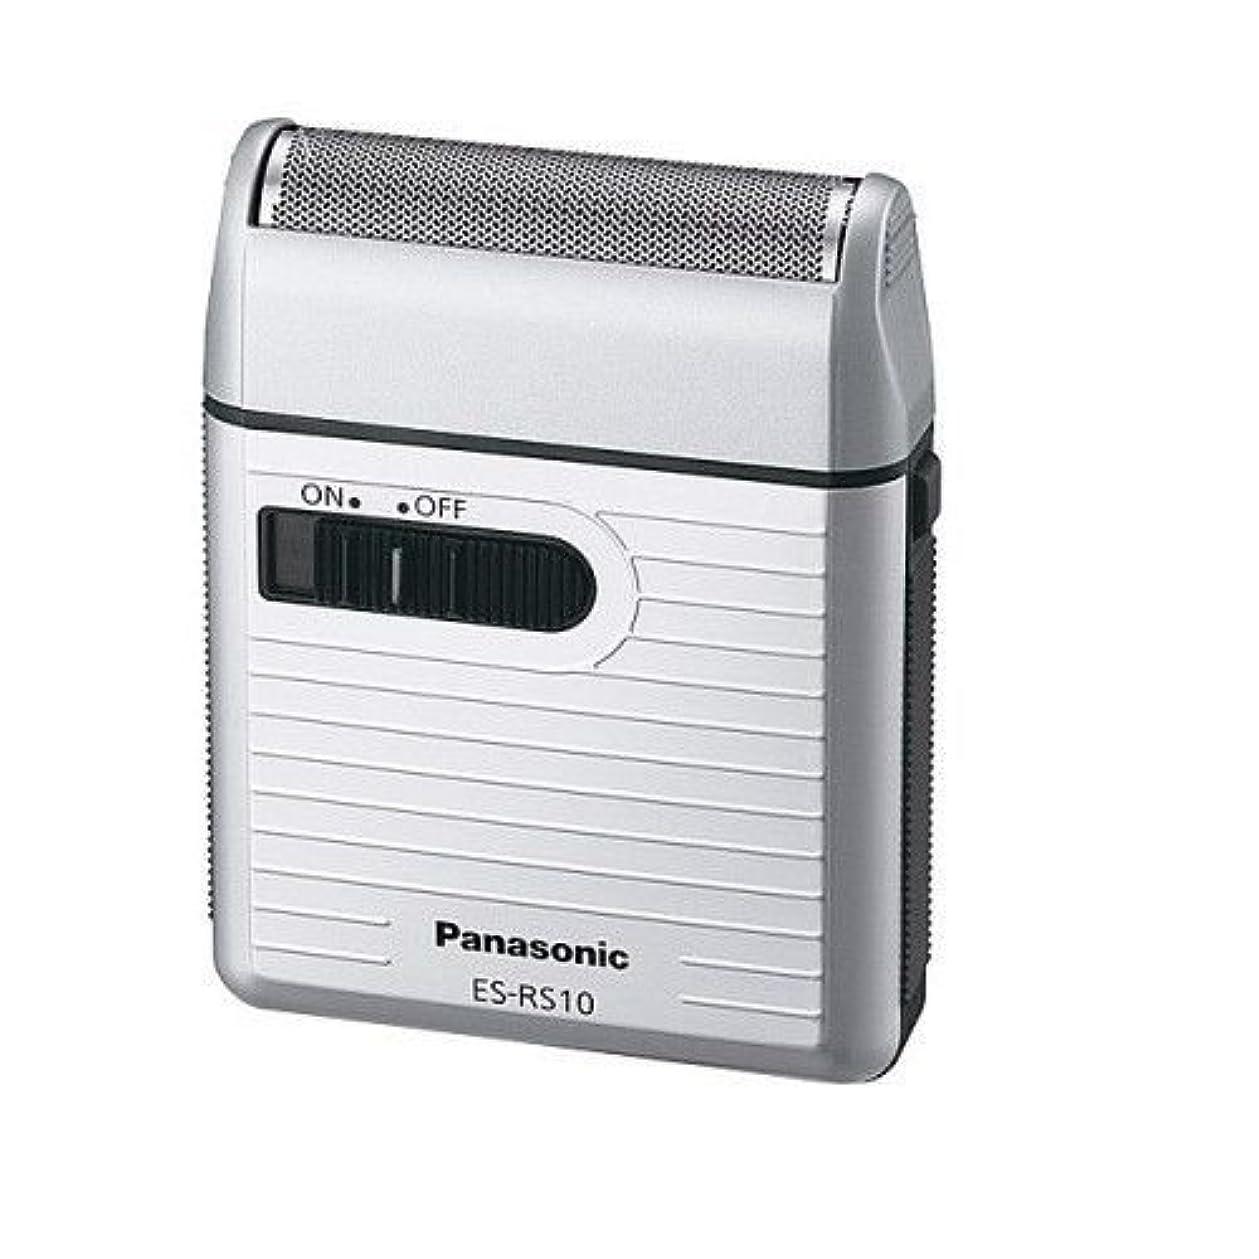 かき混ぜる配分骨髄Panasonic ES-RS10-S ンズポケットシェーバーシルバー ESRS10 日本製 [並行輸入品]